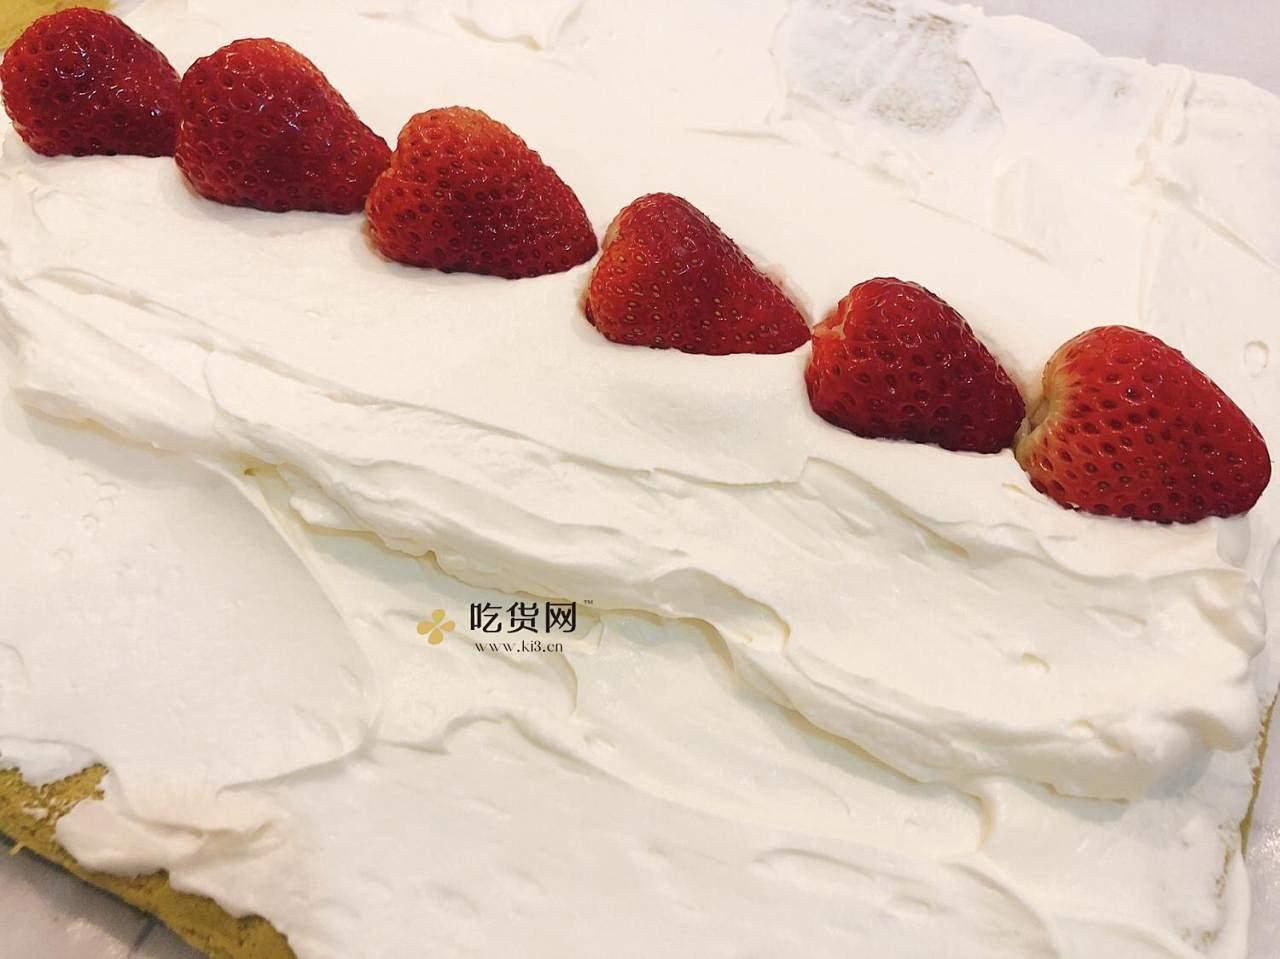 抹茶草莓🍓蛋糕卷的做法 步骤14